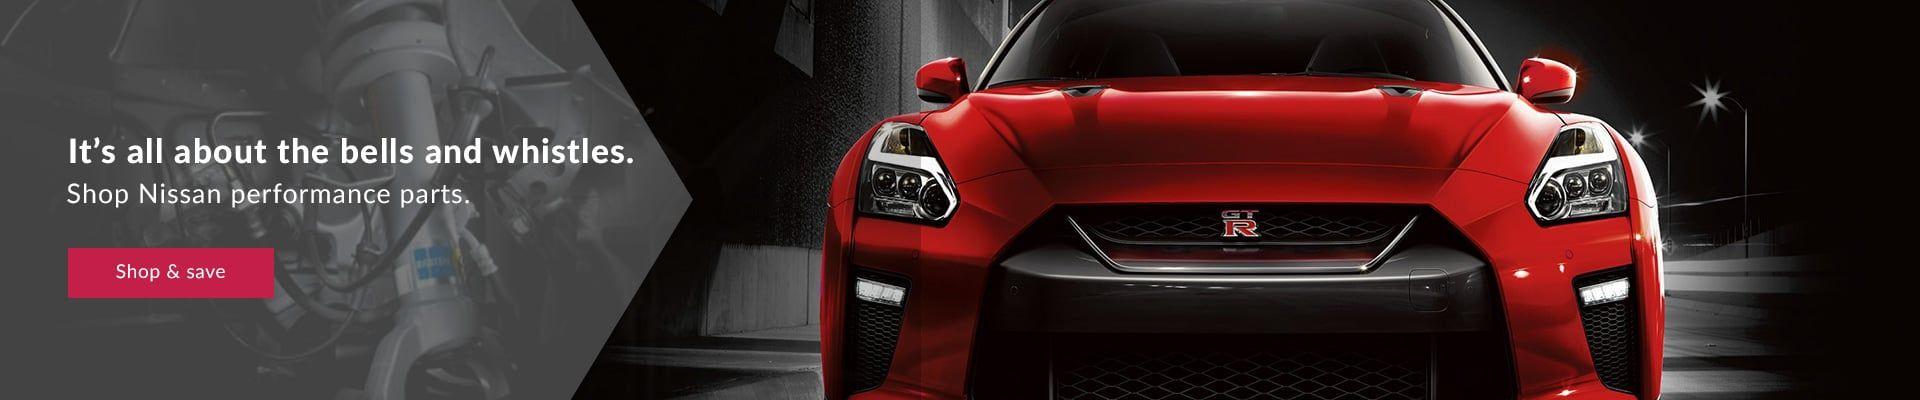 Shop Nissan Performance Parts